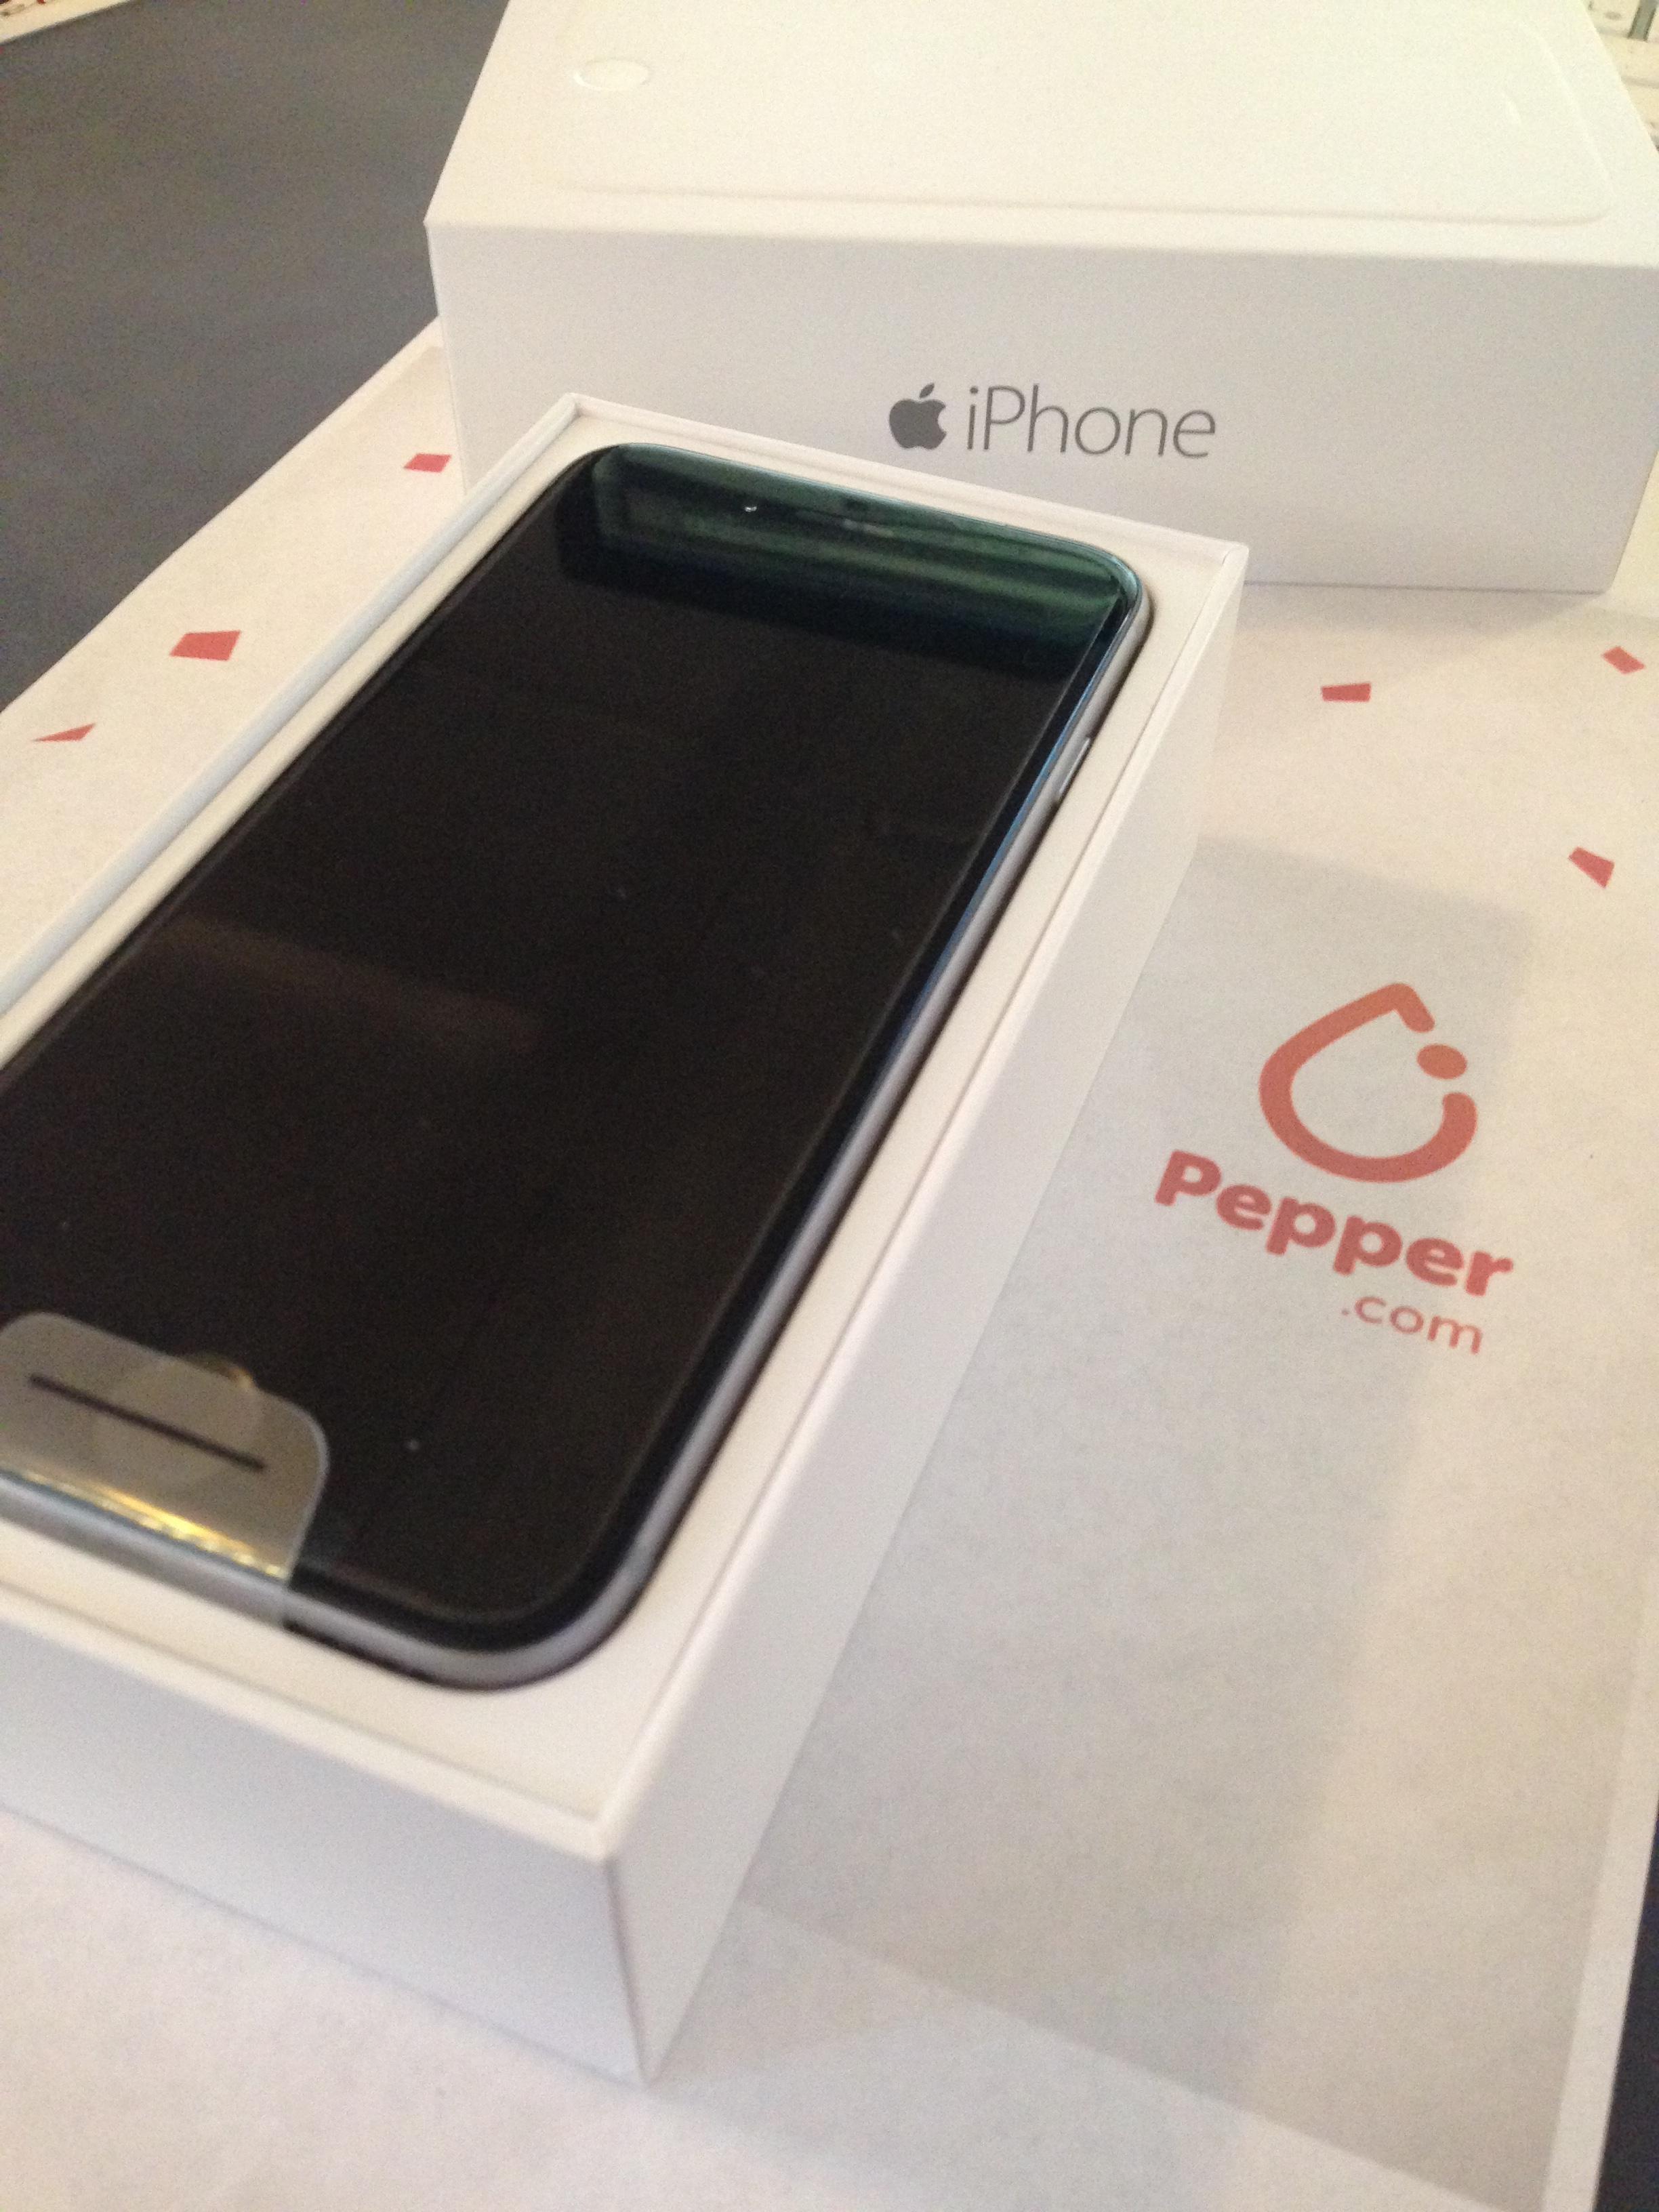 Bekendmaking winnaar iPhone 6!